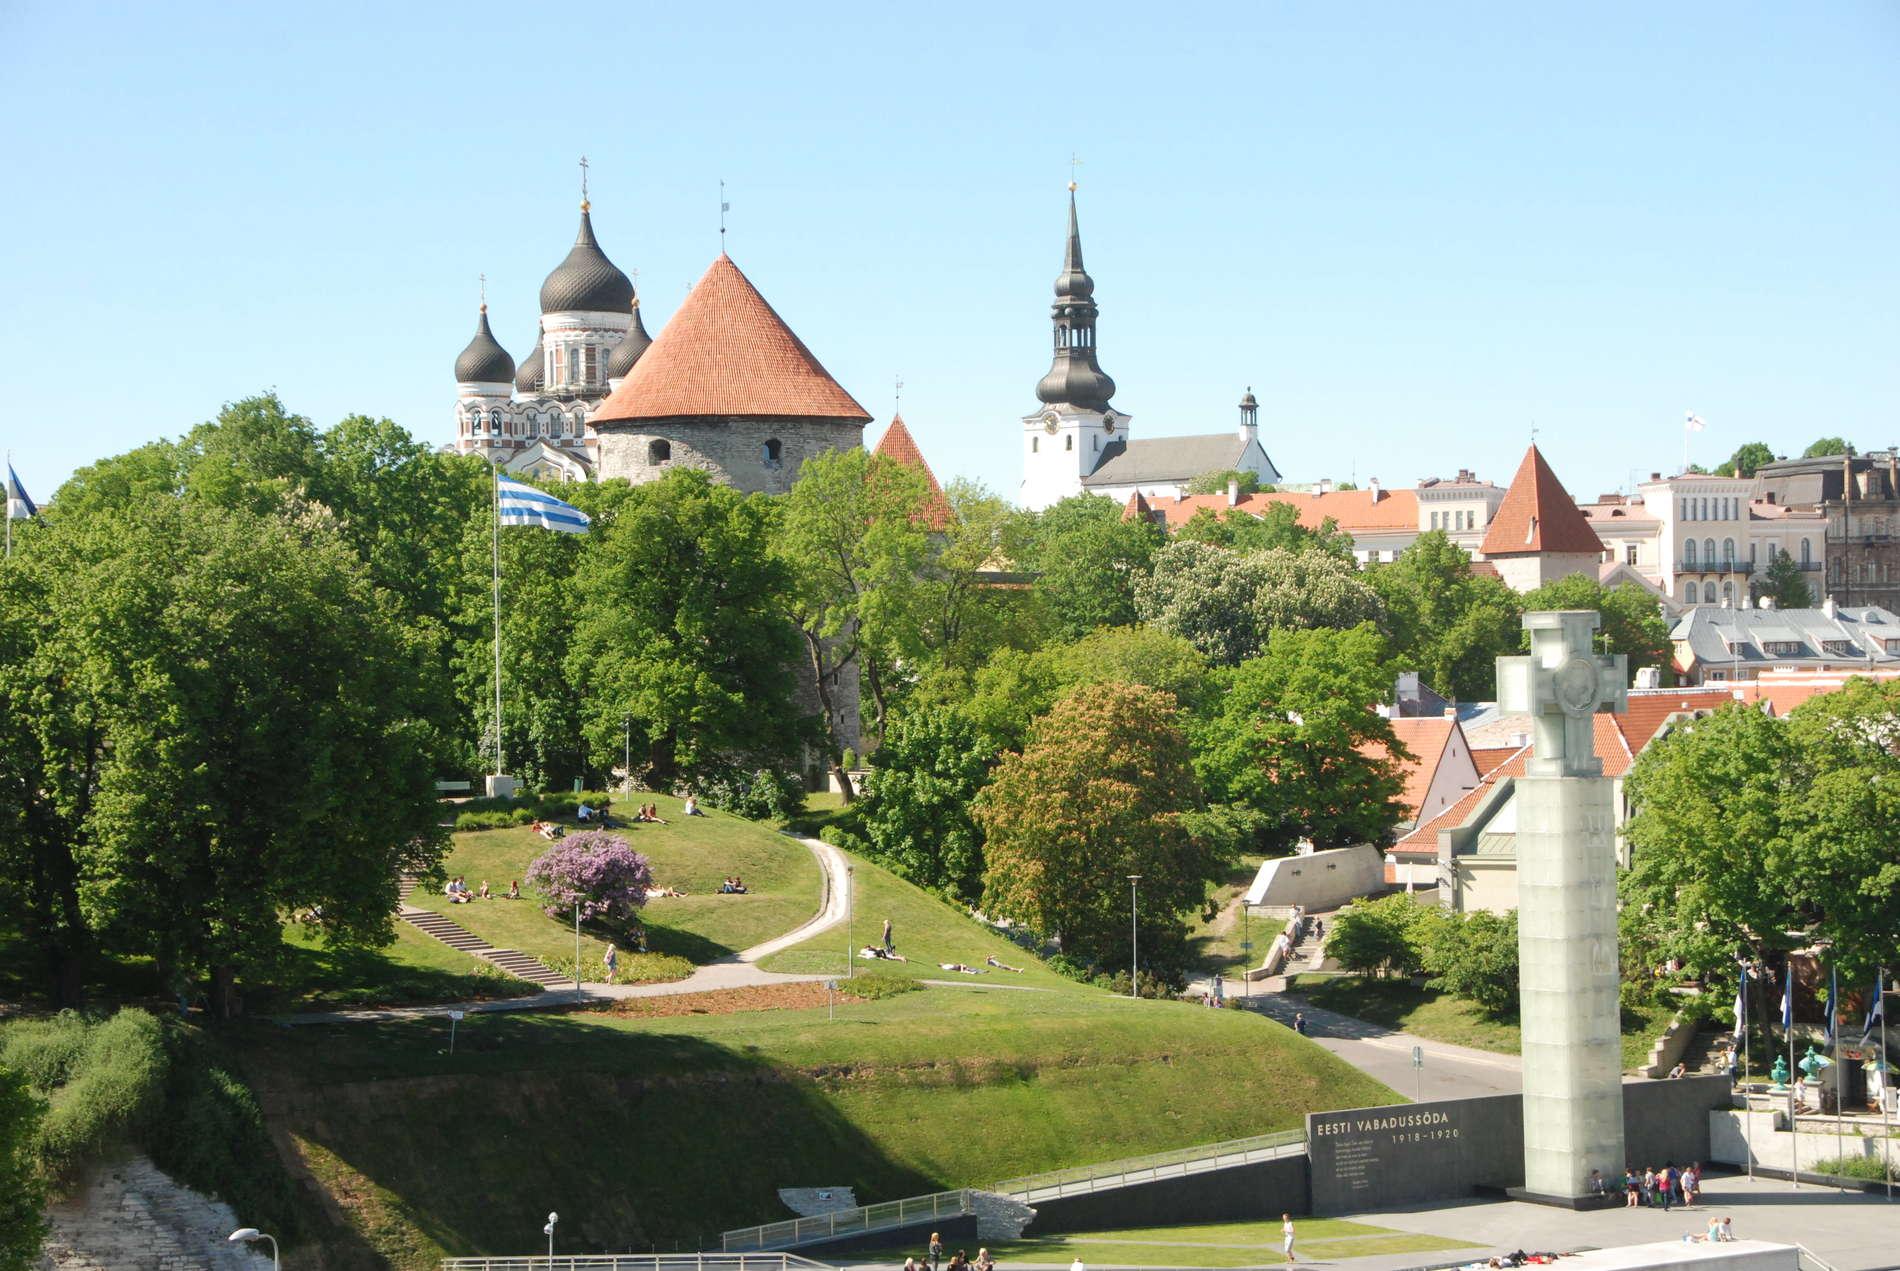 kirgas kevadine õhuvaade Harjumäele Tallinnas Vabaduse väljaku kõrval, taustal vanalinna tornid